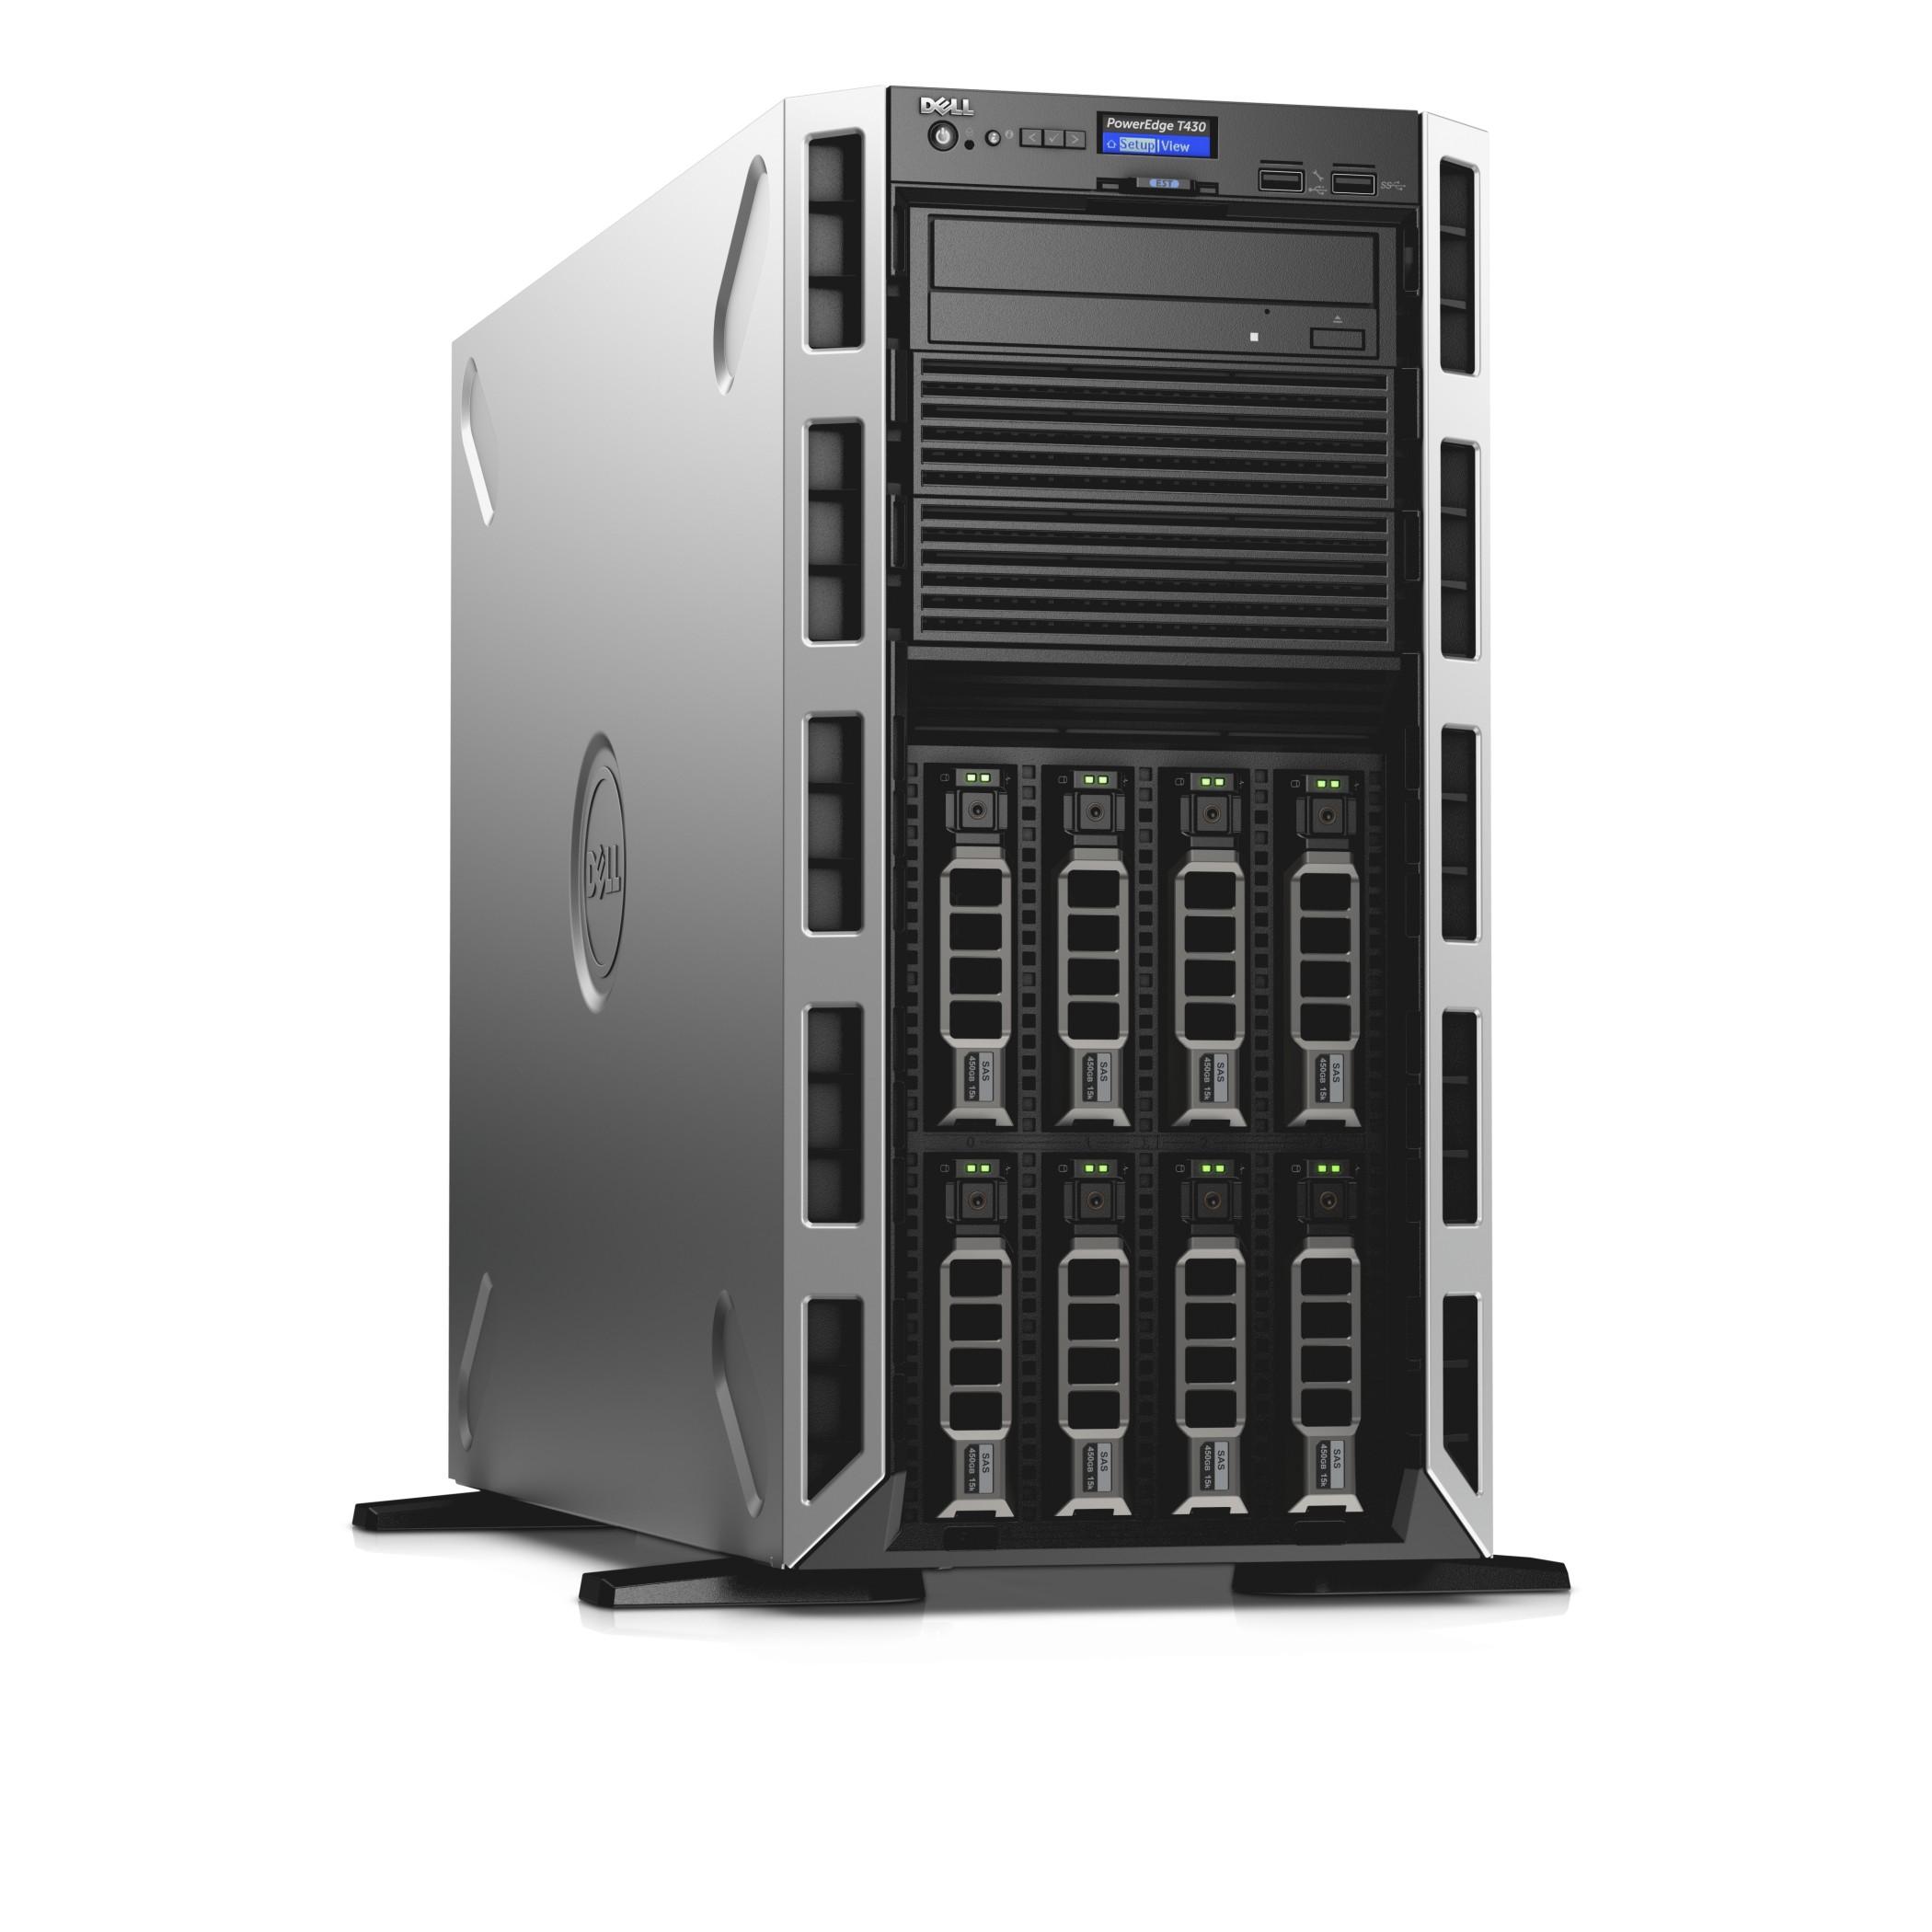 Dell Poweredge T430 Dell